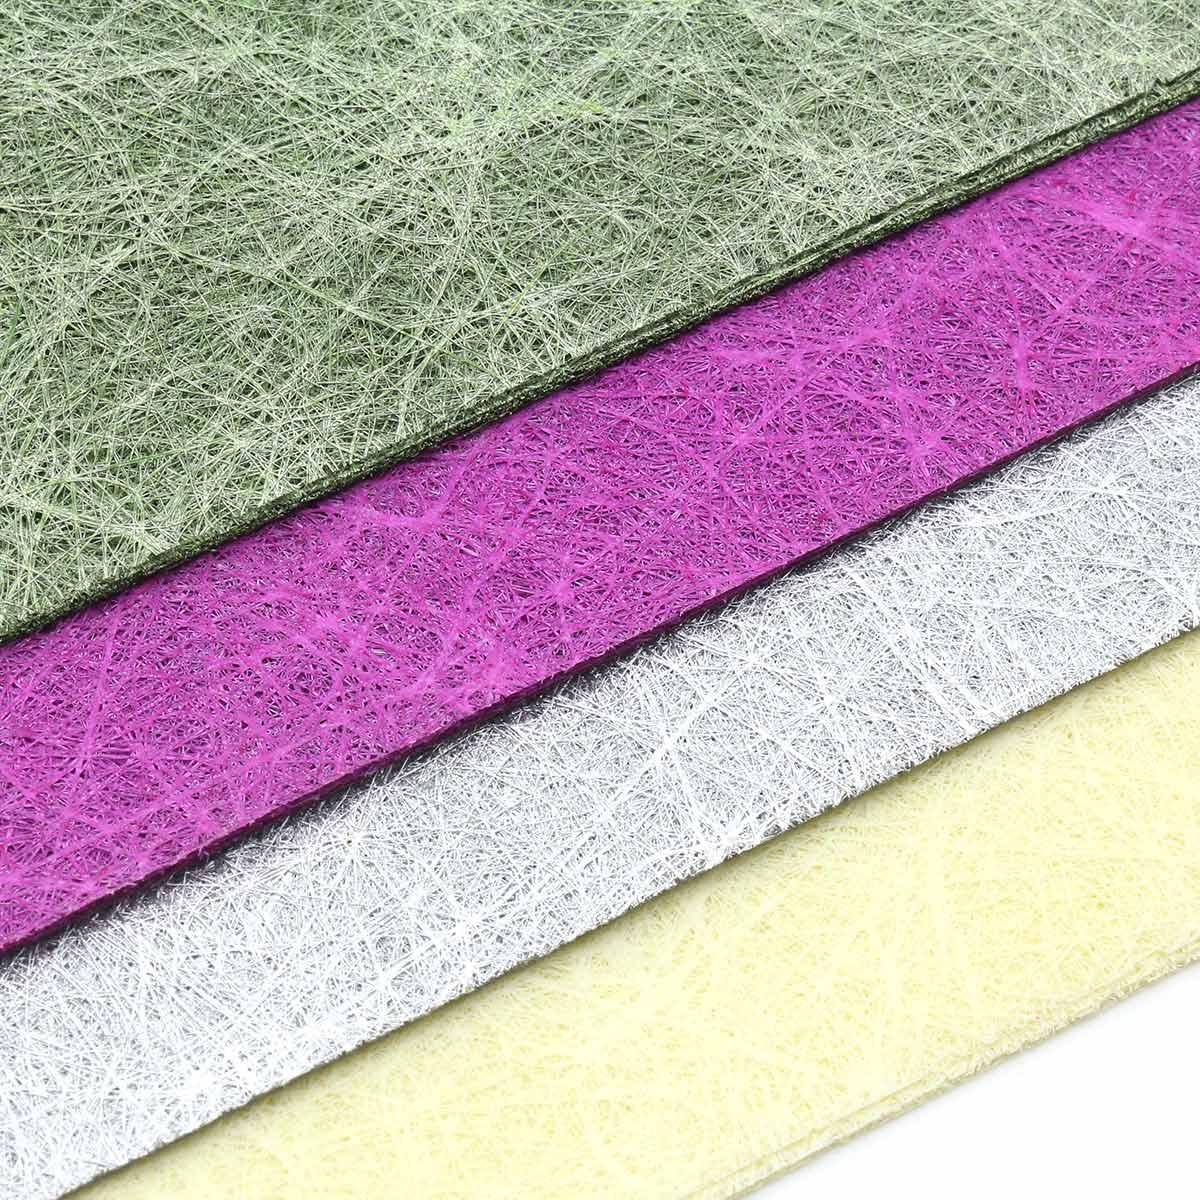 Декоративный нетканный материал для упаковки, рукоделия, флористики (40шт. А4)